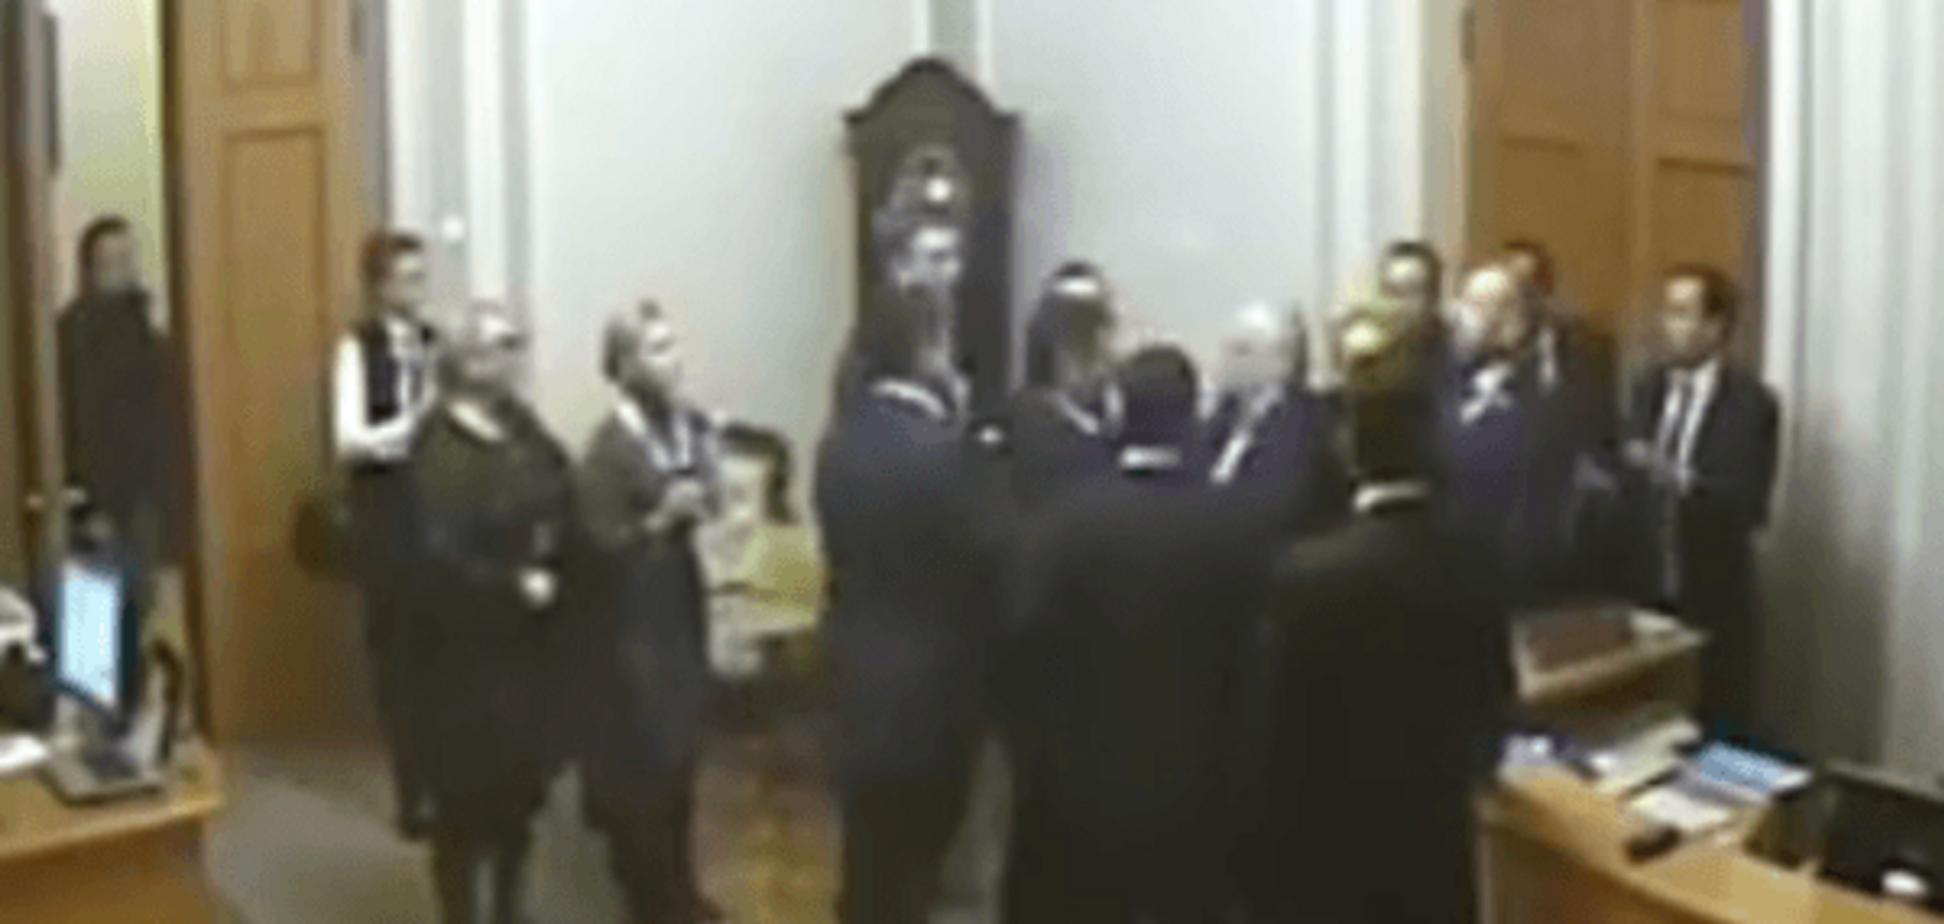 Камеры наблюдения зафиксировали потасовку между Тетеруком и Кужель: опубликовано видео